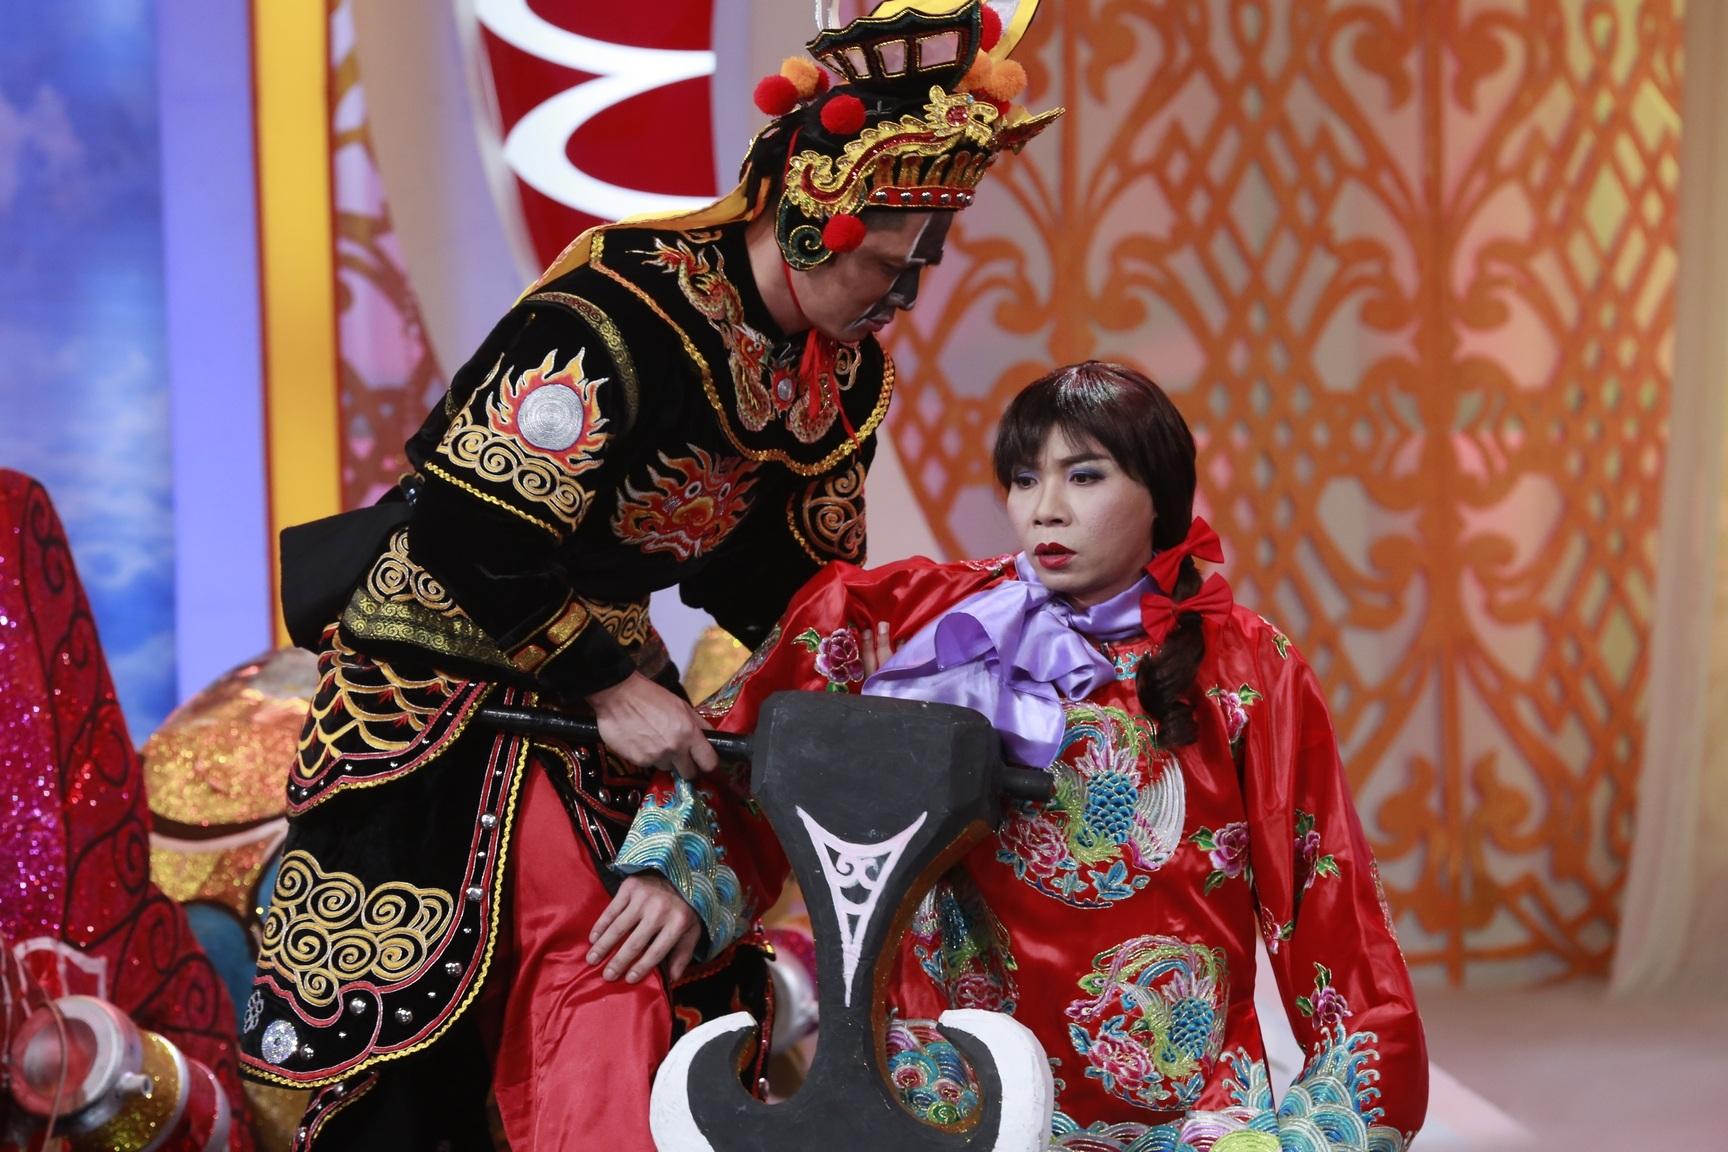 Sự xuất hiện của Bình Minh trong vai Thiên Lôi đẹp trai khiến nhiều khán giả hết sức ngạc nhiên. Vai diễn đã mang đến cho Táo Quân 2016 một màu sắc mới.